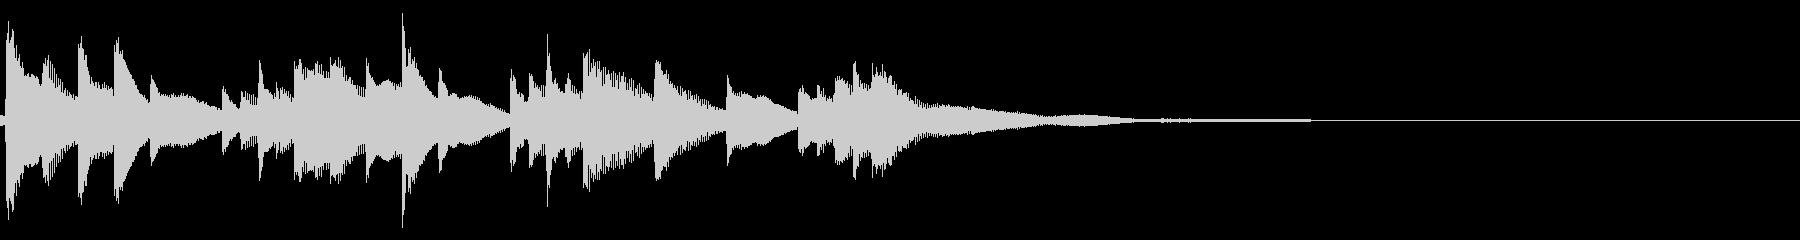 琴☆アイキャッチ2の未再生の波形